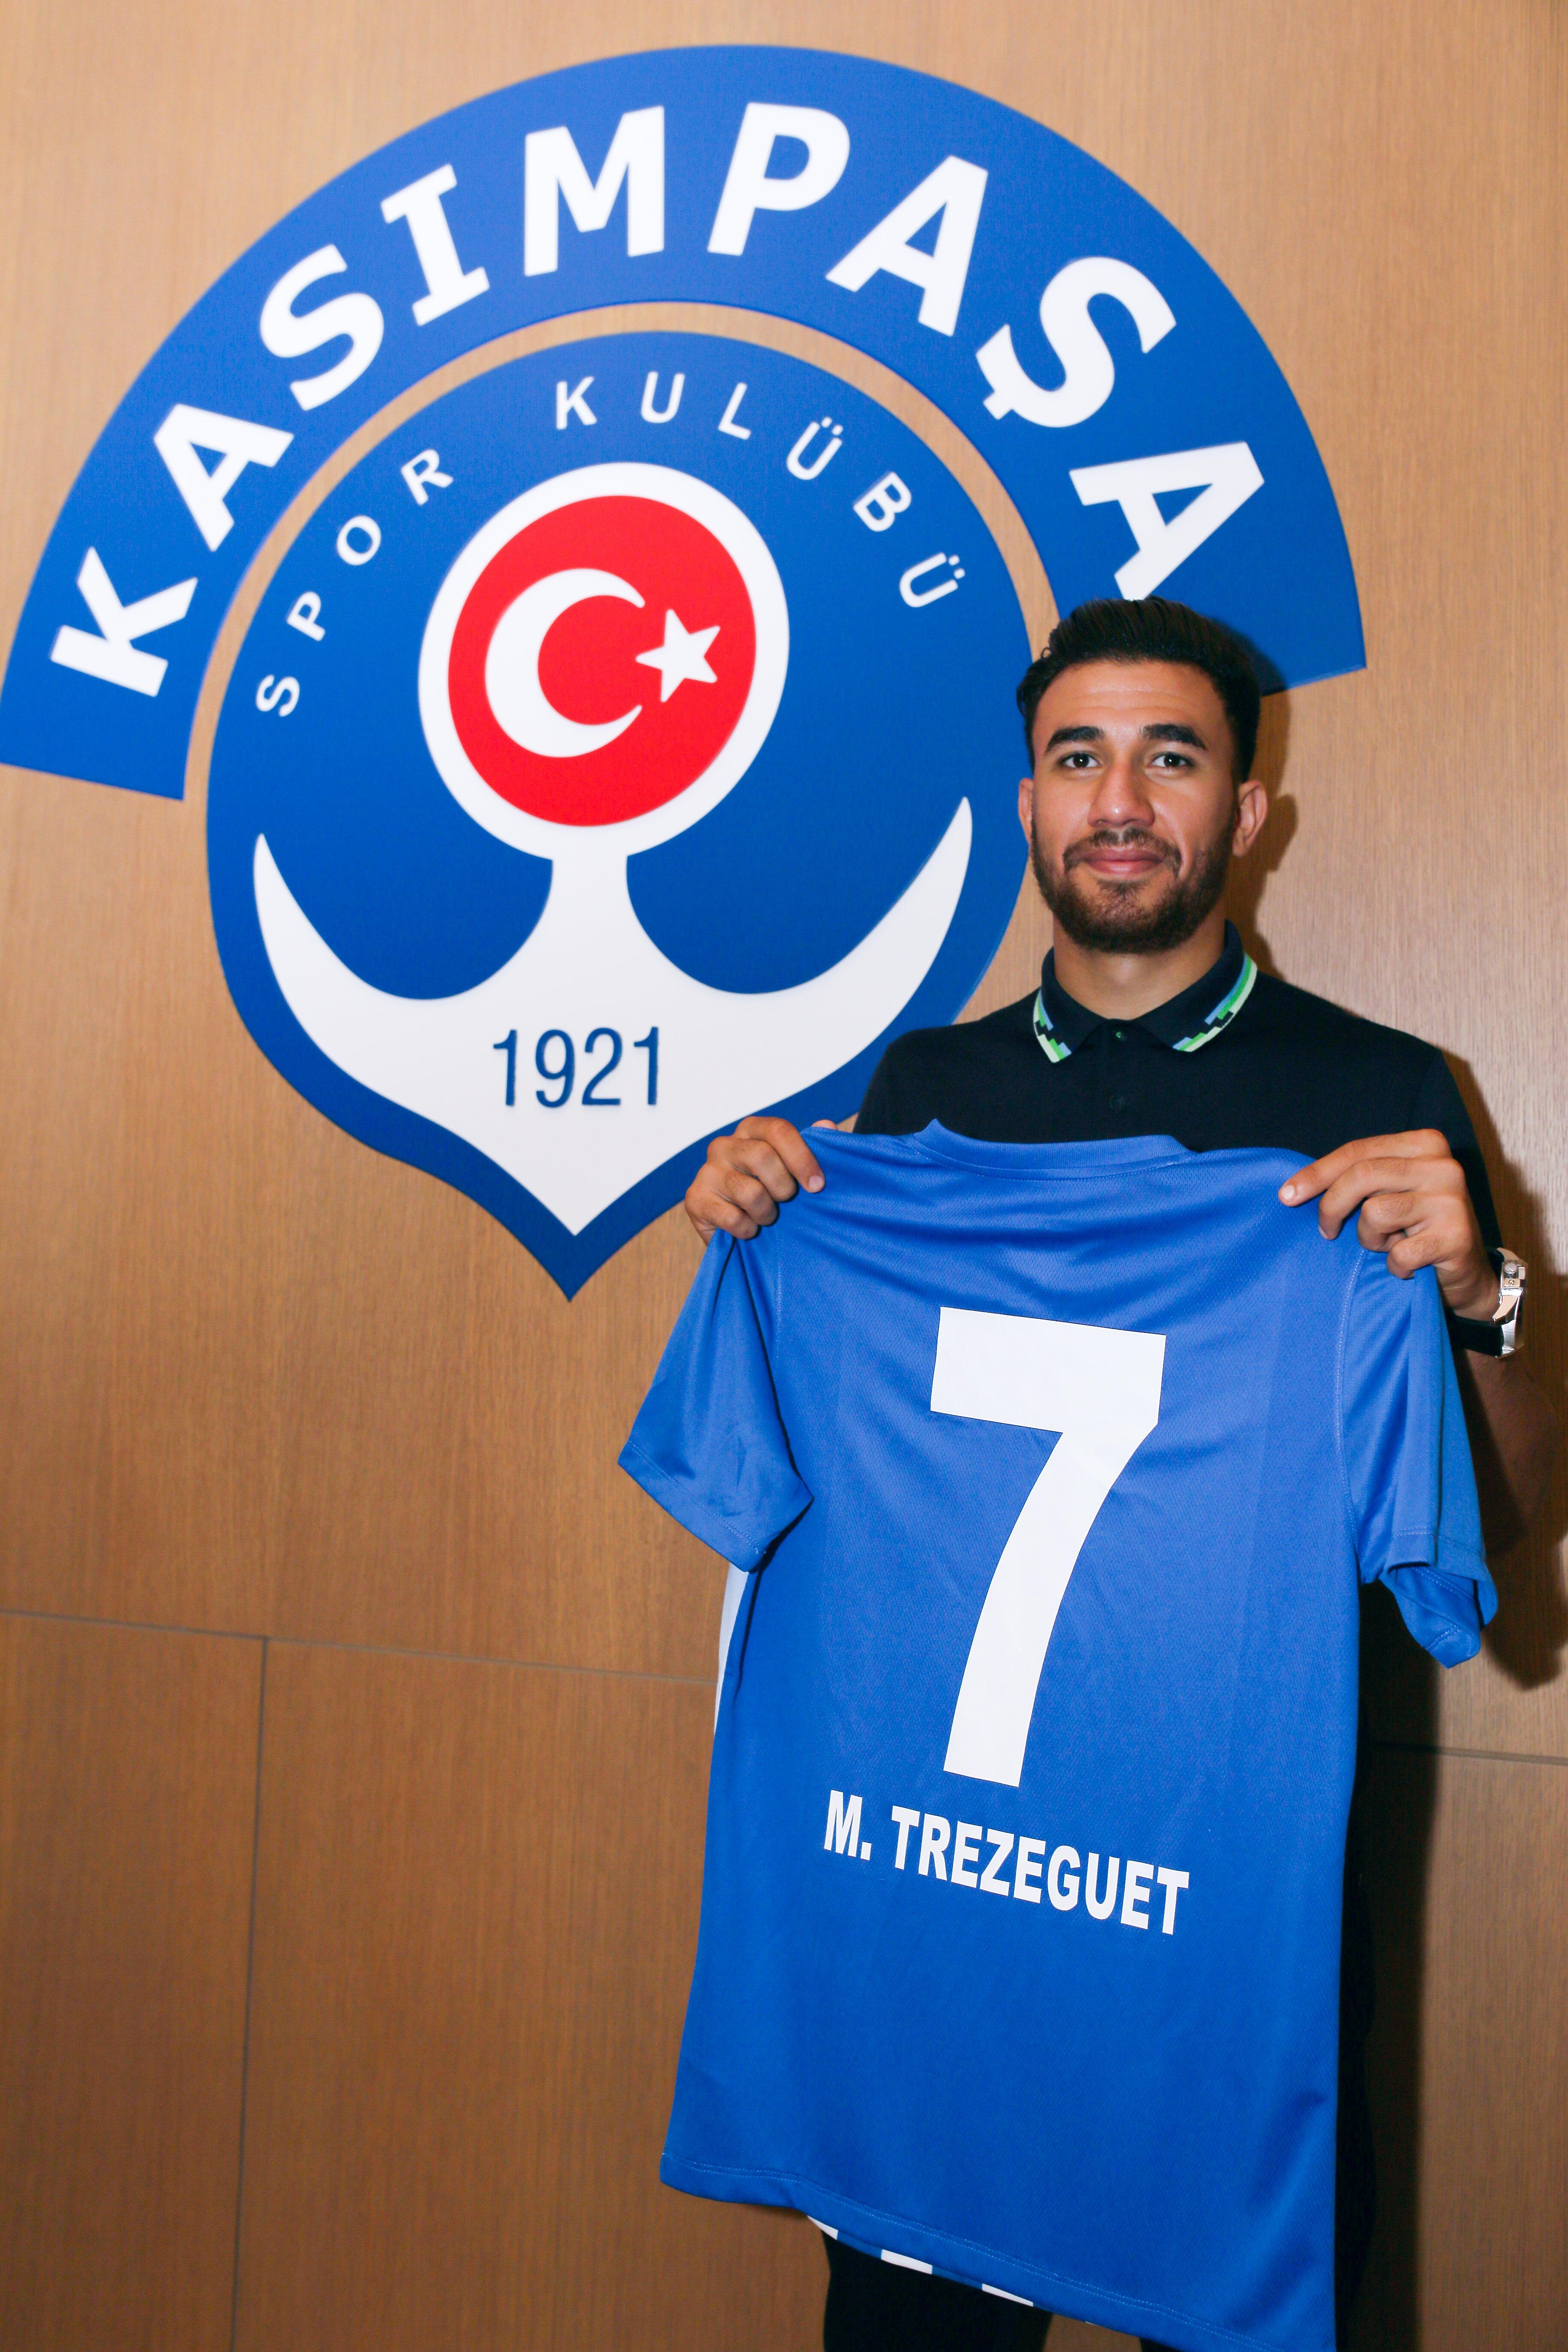 12425810-محمود-تريزيجيه-يحمل-قميص-قاسم-باشا